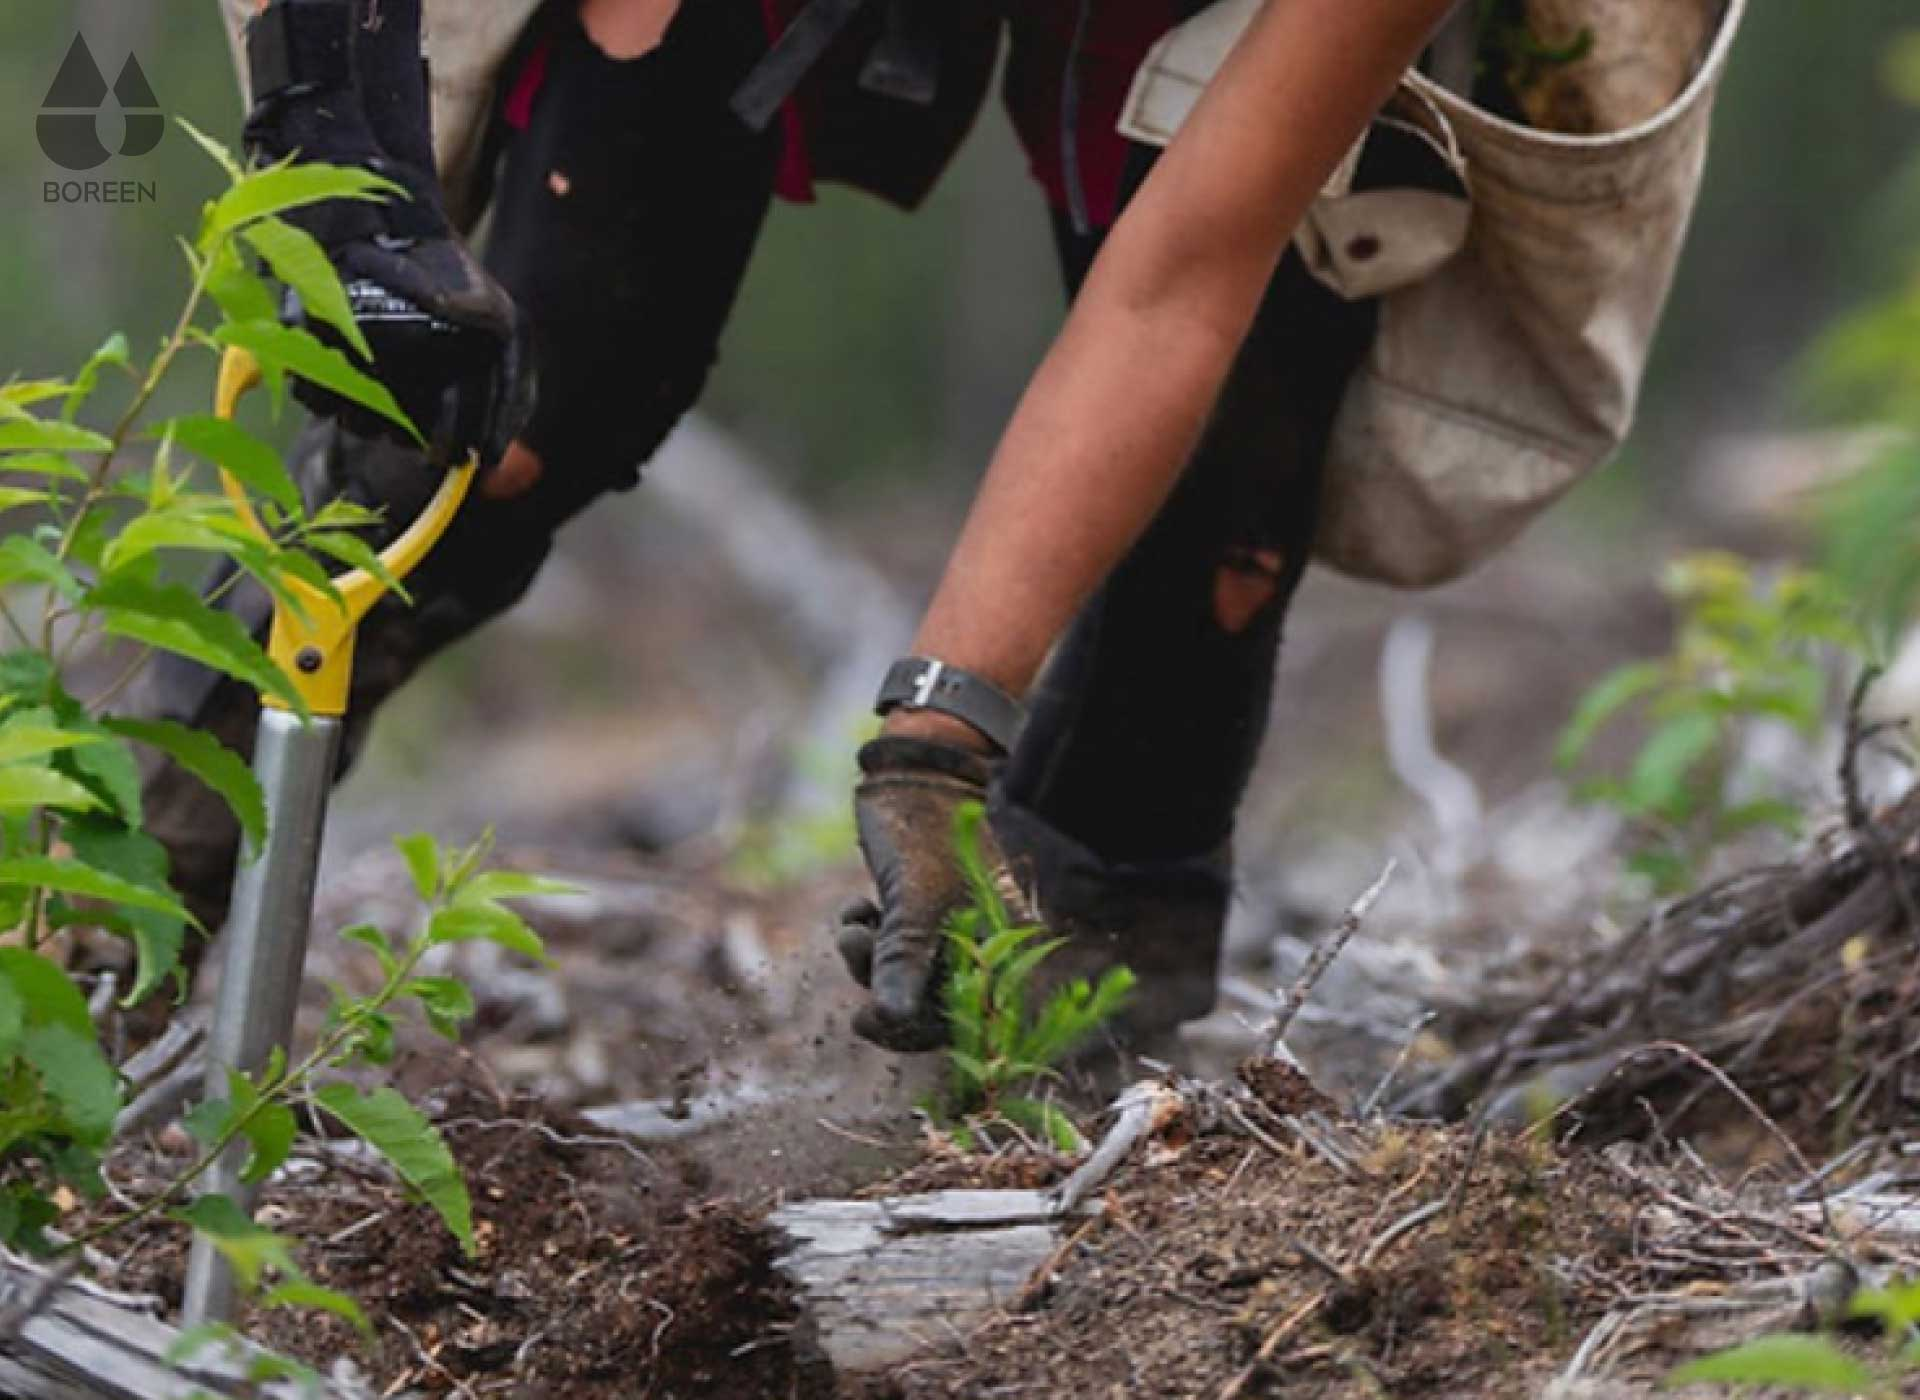 En Boreen por cada soporte de madera plantamos un árbol